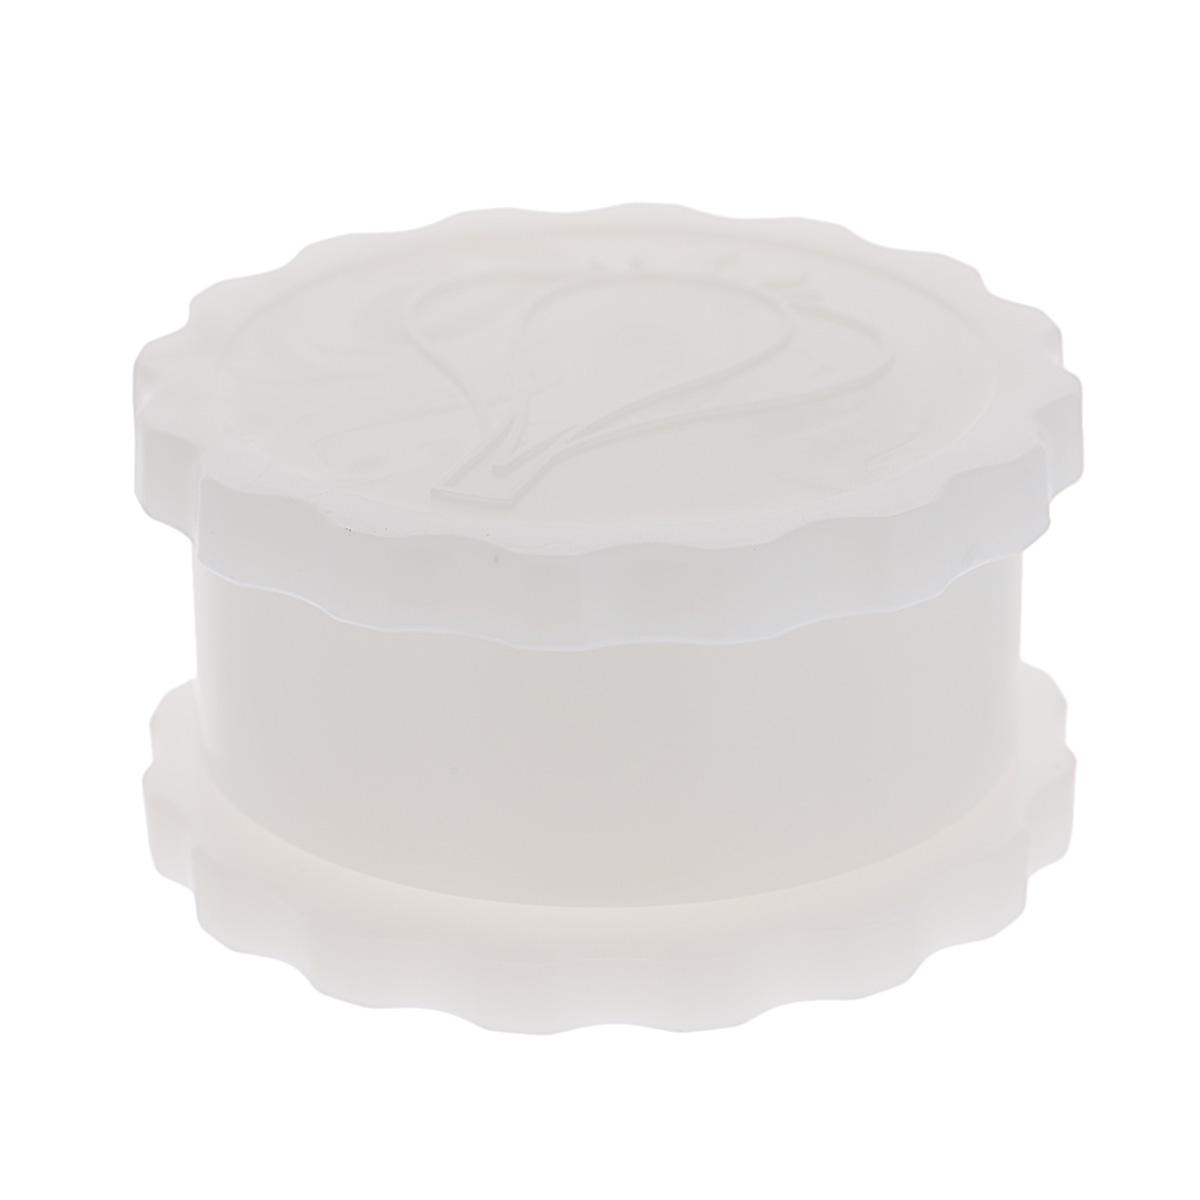 Измельчитель чеснока Альтернатива, цвет: белый, диаметр 8 смМ1693Измельчитель Альтернатива, выполненный из высокопрочного пластика, предназначен для быстрого измельчения зубчиков чеснока. Прибор также можно использовать для отделения головок чеснока от шелухи. Измельчитель очень прост в использовании: положите внутрь чеснок и покрутите крышку, придерживая основание. Прибор быстро и без отходов измельчит чеснок. Пригоден для мытья в посудомоечной машине. Диаметр измельчителя: 8 см. Высота измельчителя: 4,5 см.